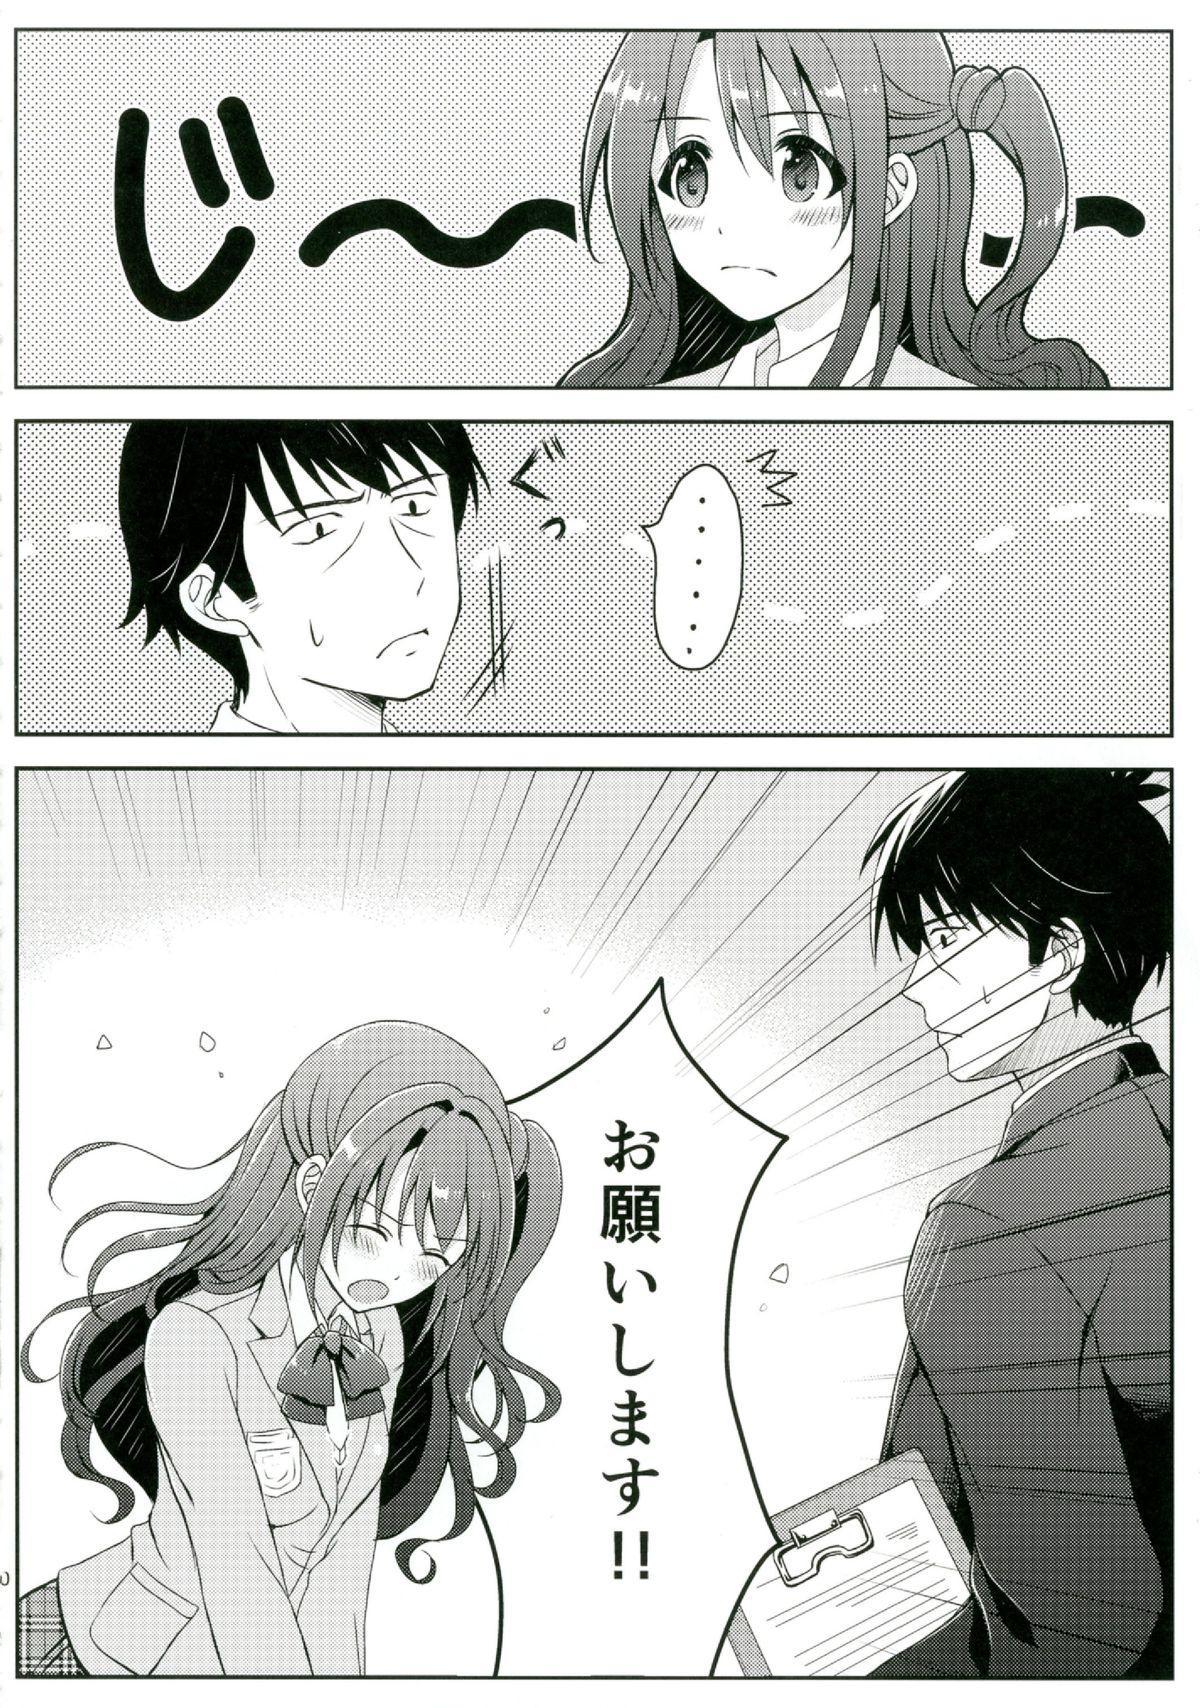 Himitsu no Tokkun 11